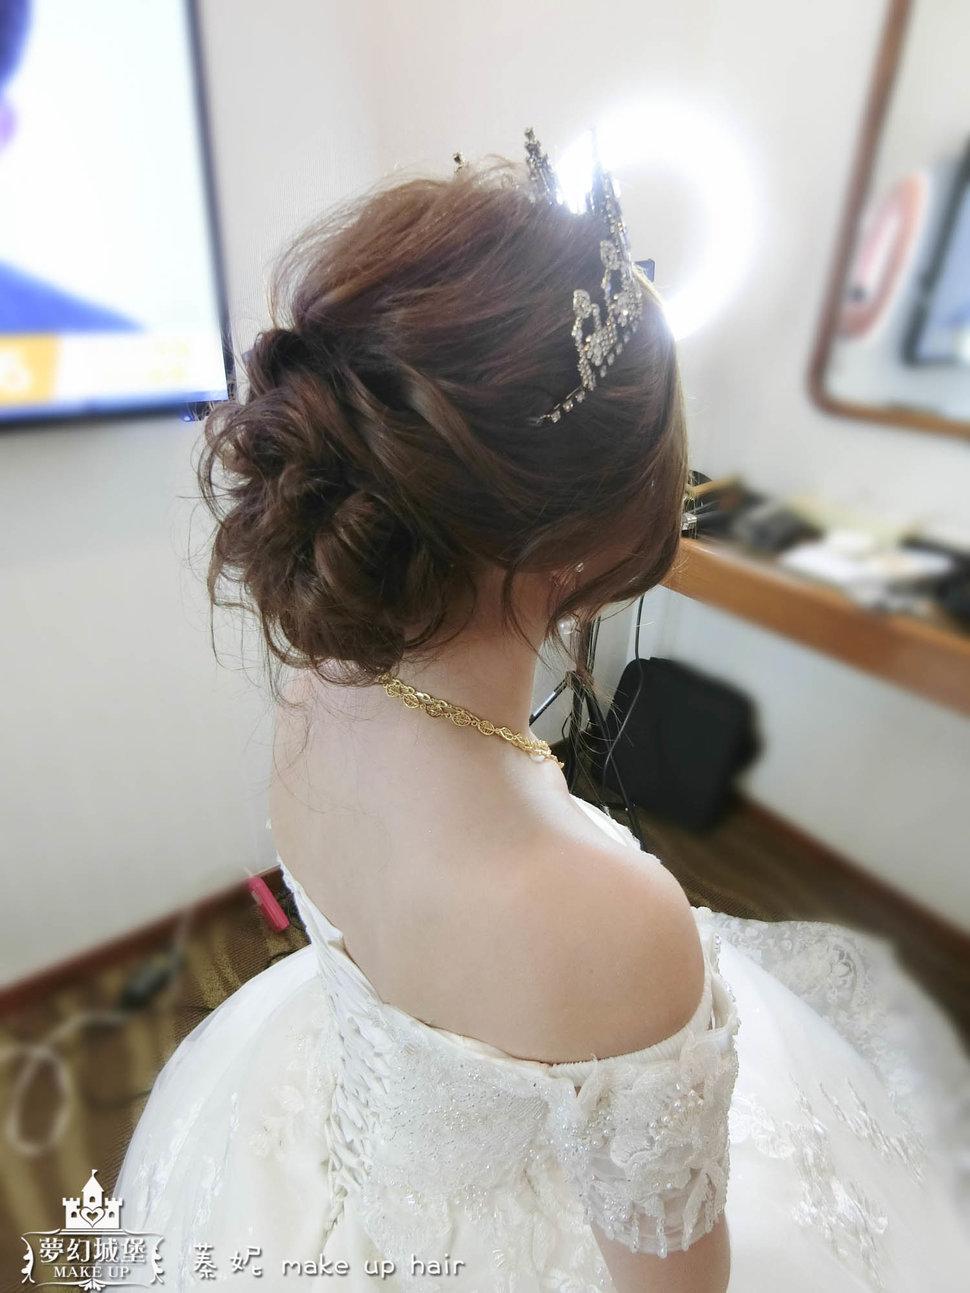 CIMG2102-2 - 夢幻城堡彩妝造型團隊 - 結婚吧